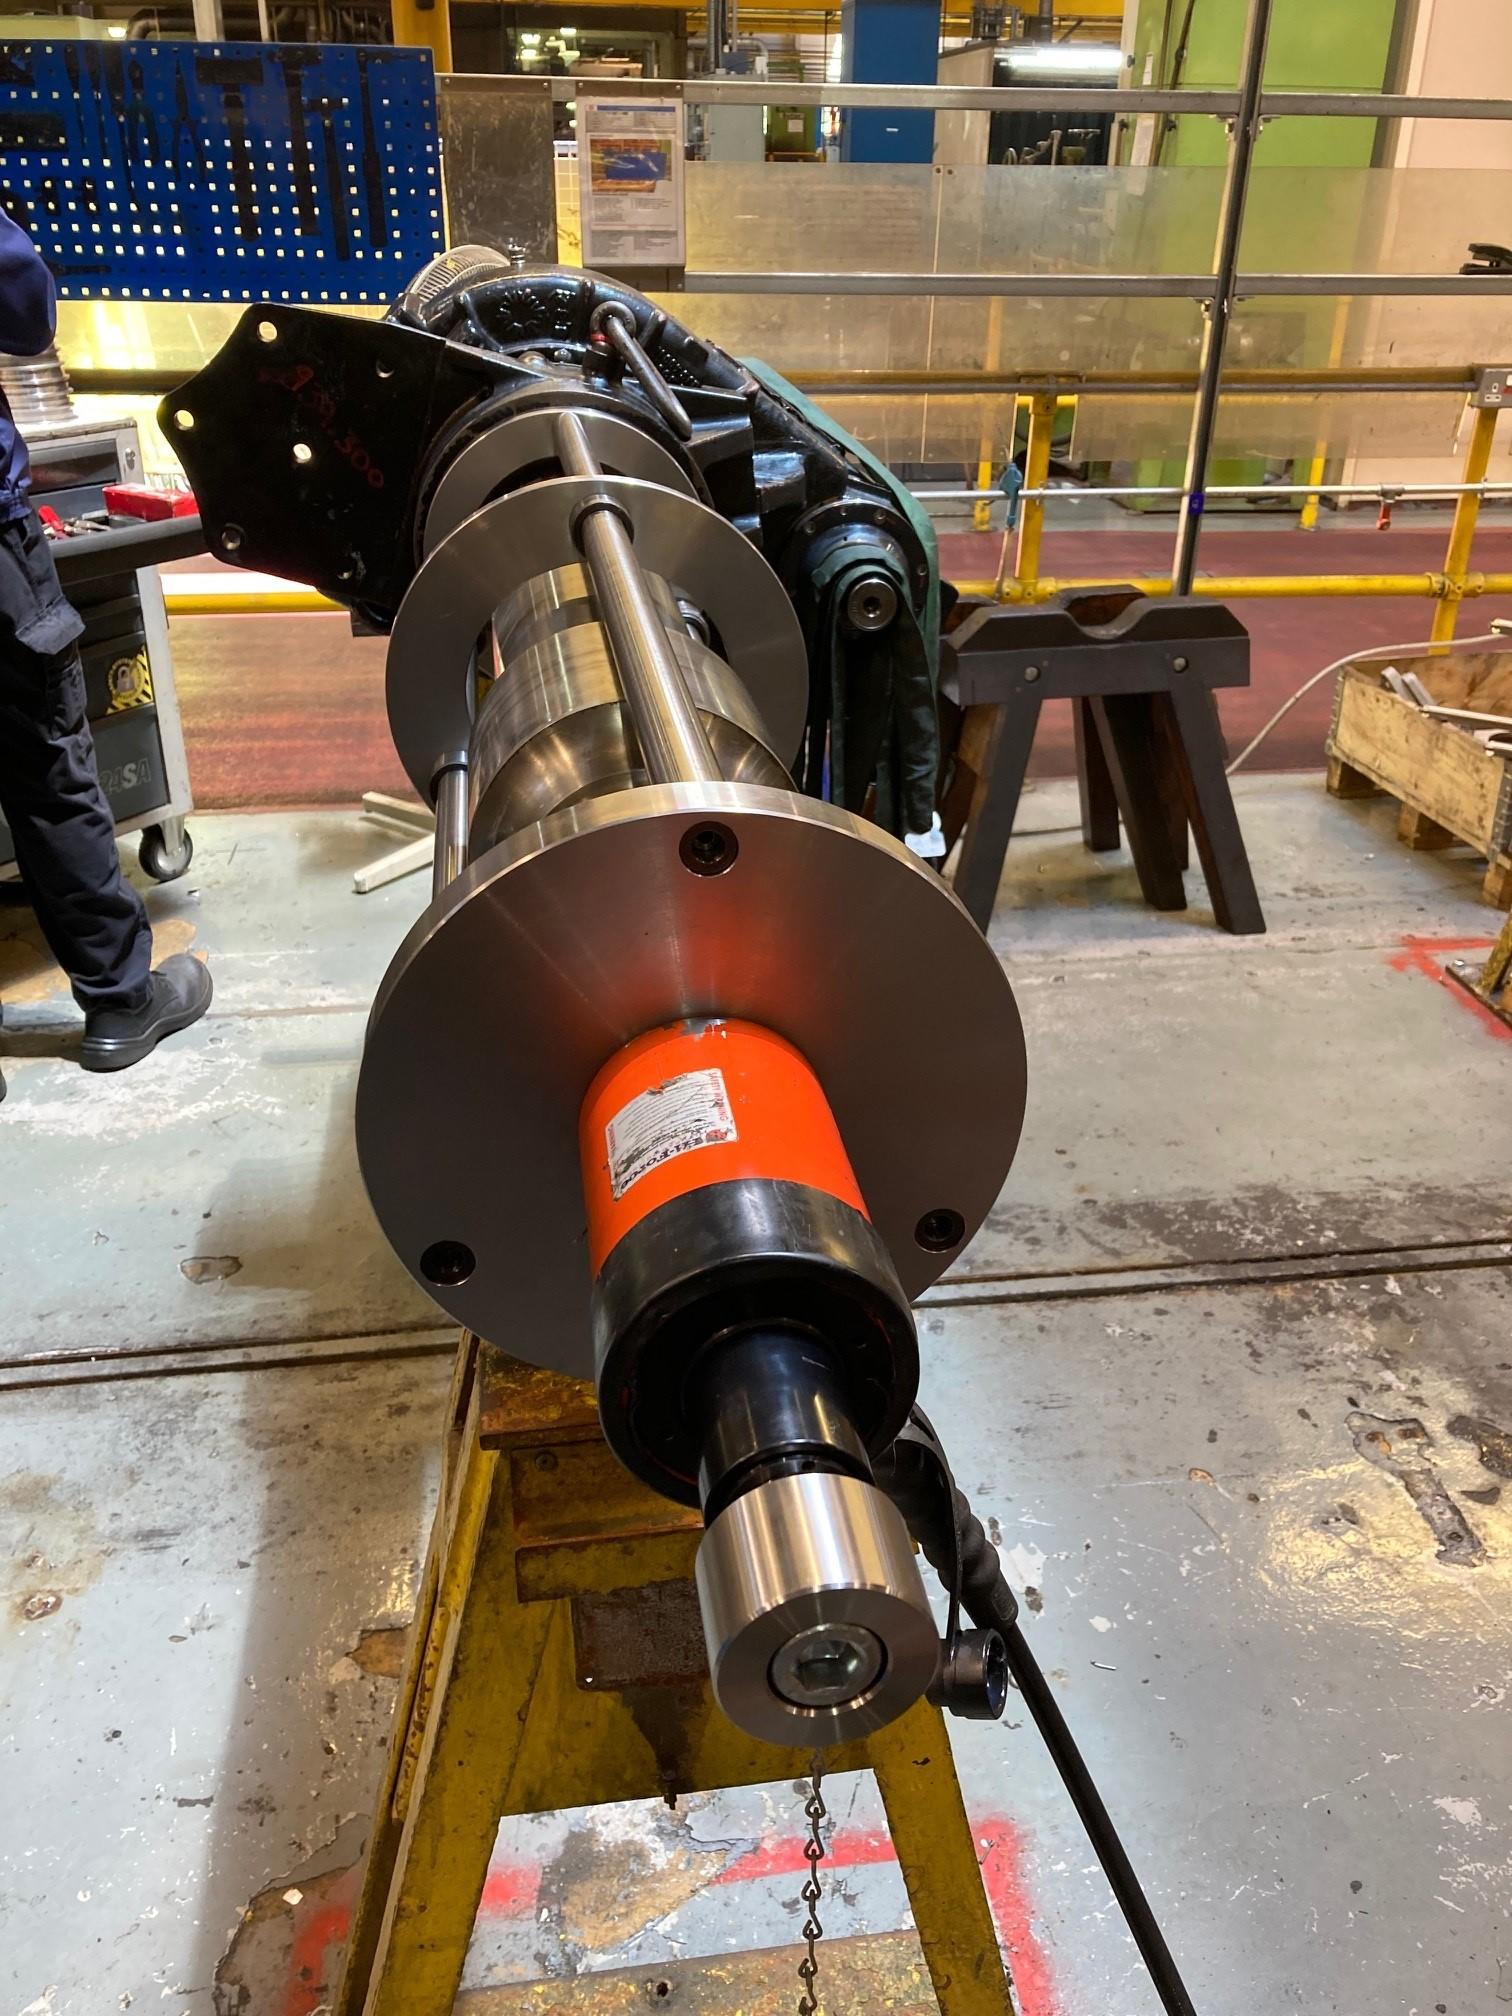 Shaft maintenance equipment